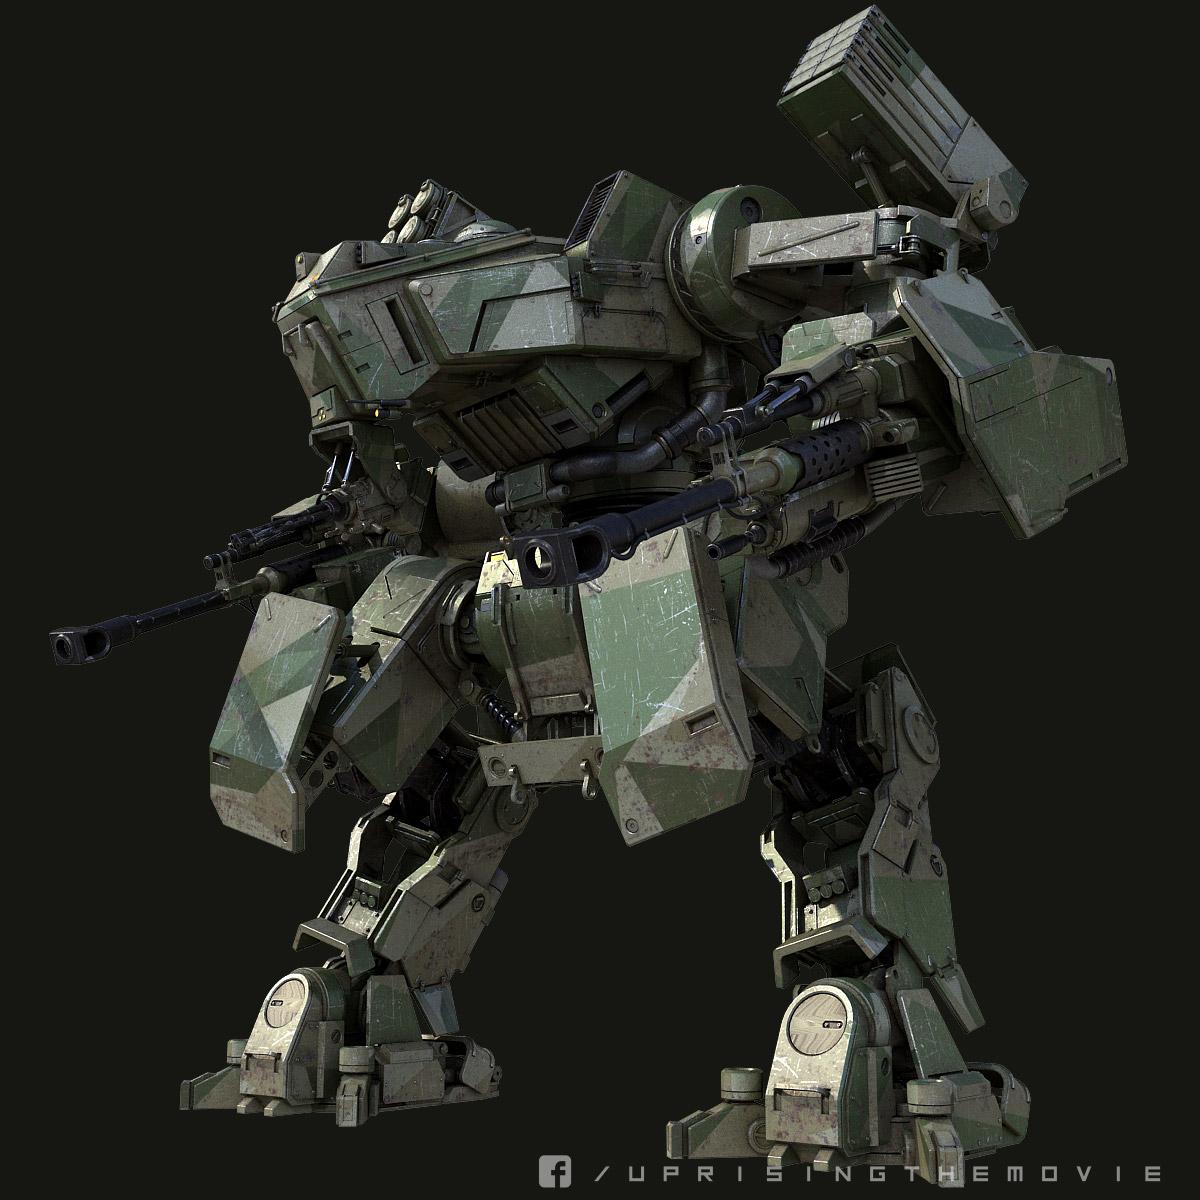 robot science fiction concept - photo #25